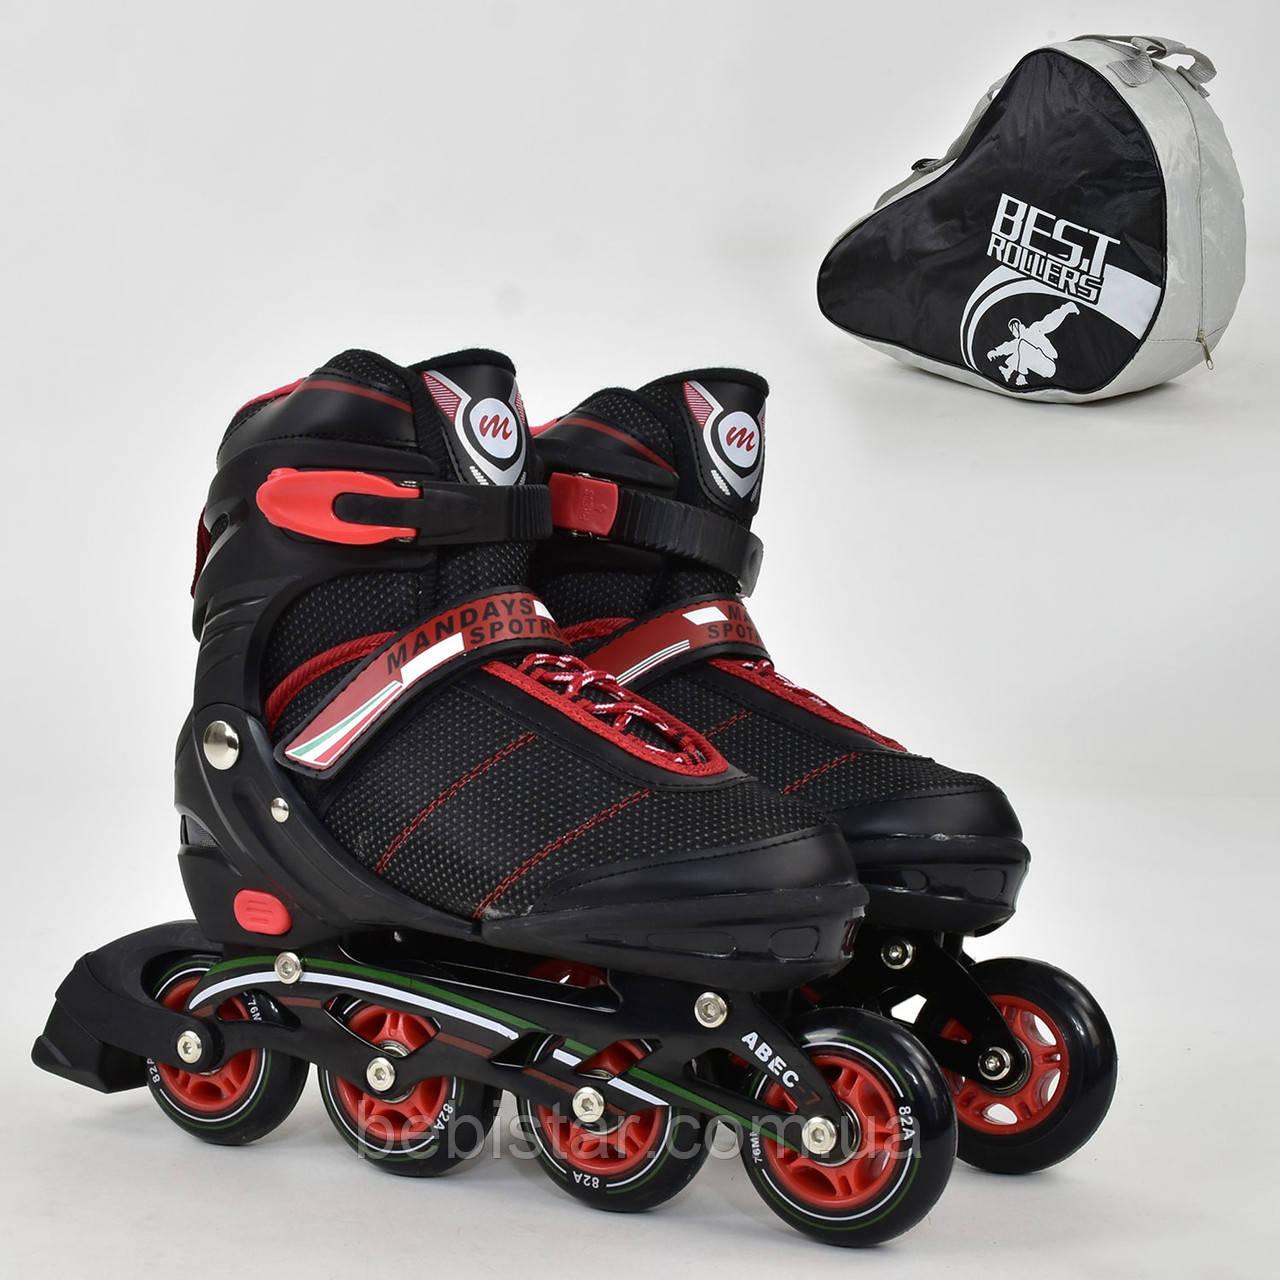 Детские роликовые коньки черные 8903 L Best Roller размер 39-42 полиуретановые колеса